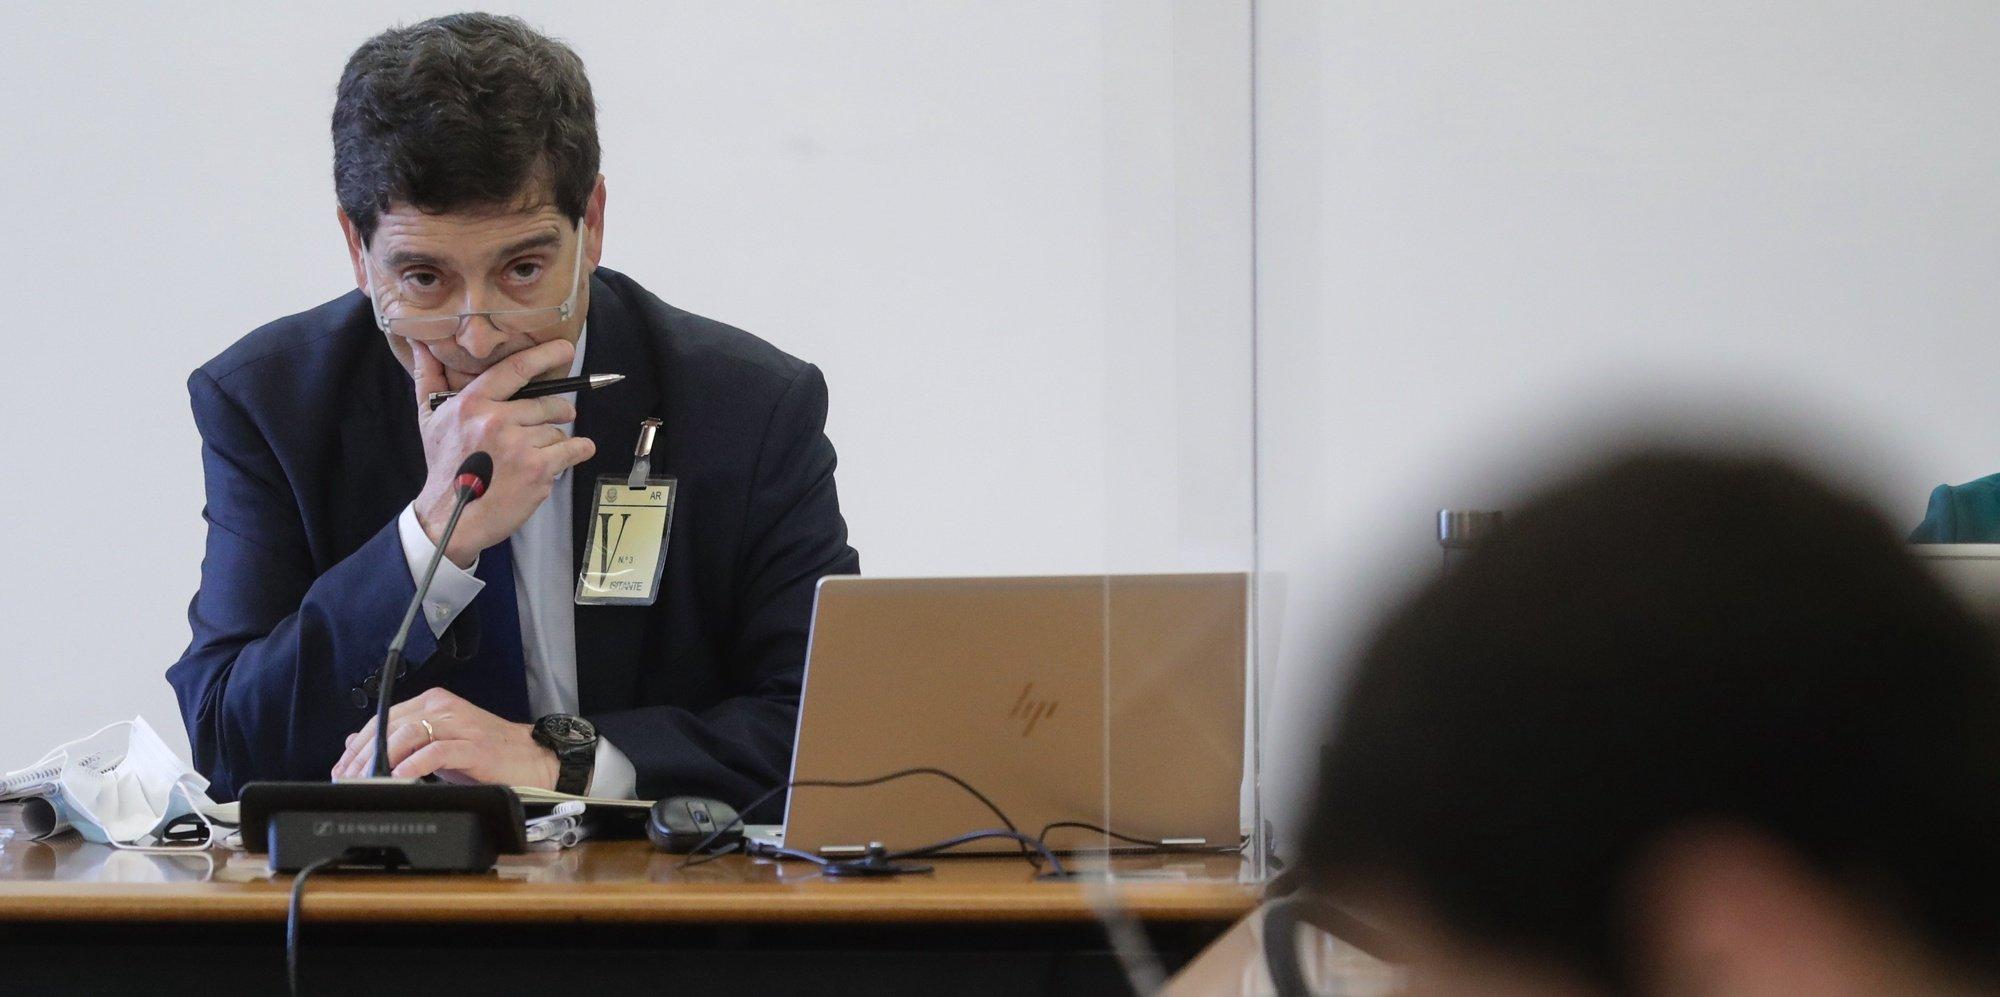 O presidente do Conselho de Administração do Novo Banco, António Ramalho, fala perante a Comissão Eventual de Inquérito Parlamentar às perdas registadas pelo Novo Banco e imputadas ao Fundo de Resolução, na Assembleia da República em Lisboa, 19 de maio de 2021. TIAGO PETINGA/LUSA